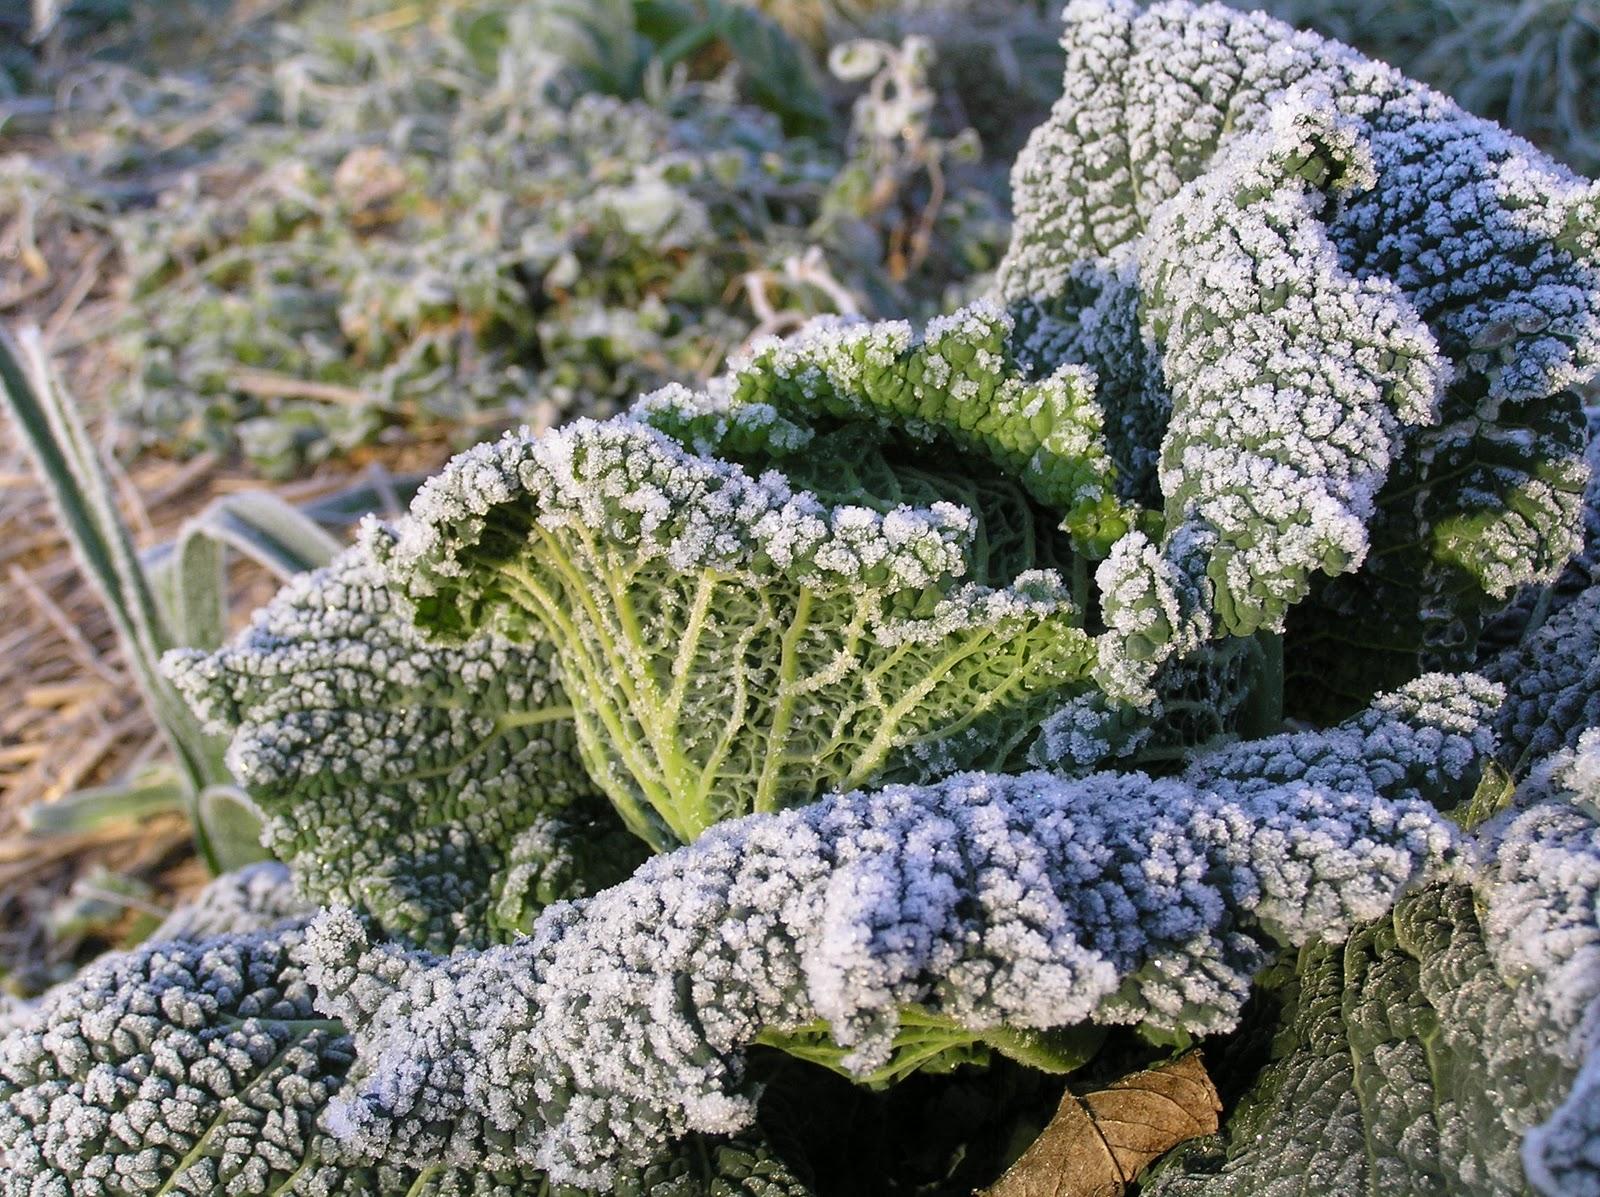 Vivre pratique la campagne pr parer son jardin pour l 39 hiver for Preparer son potager pour l hiver